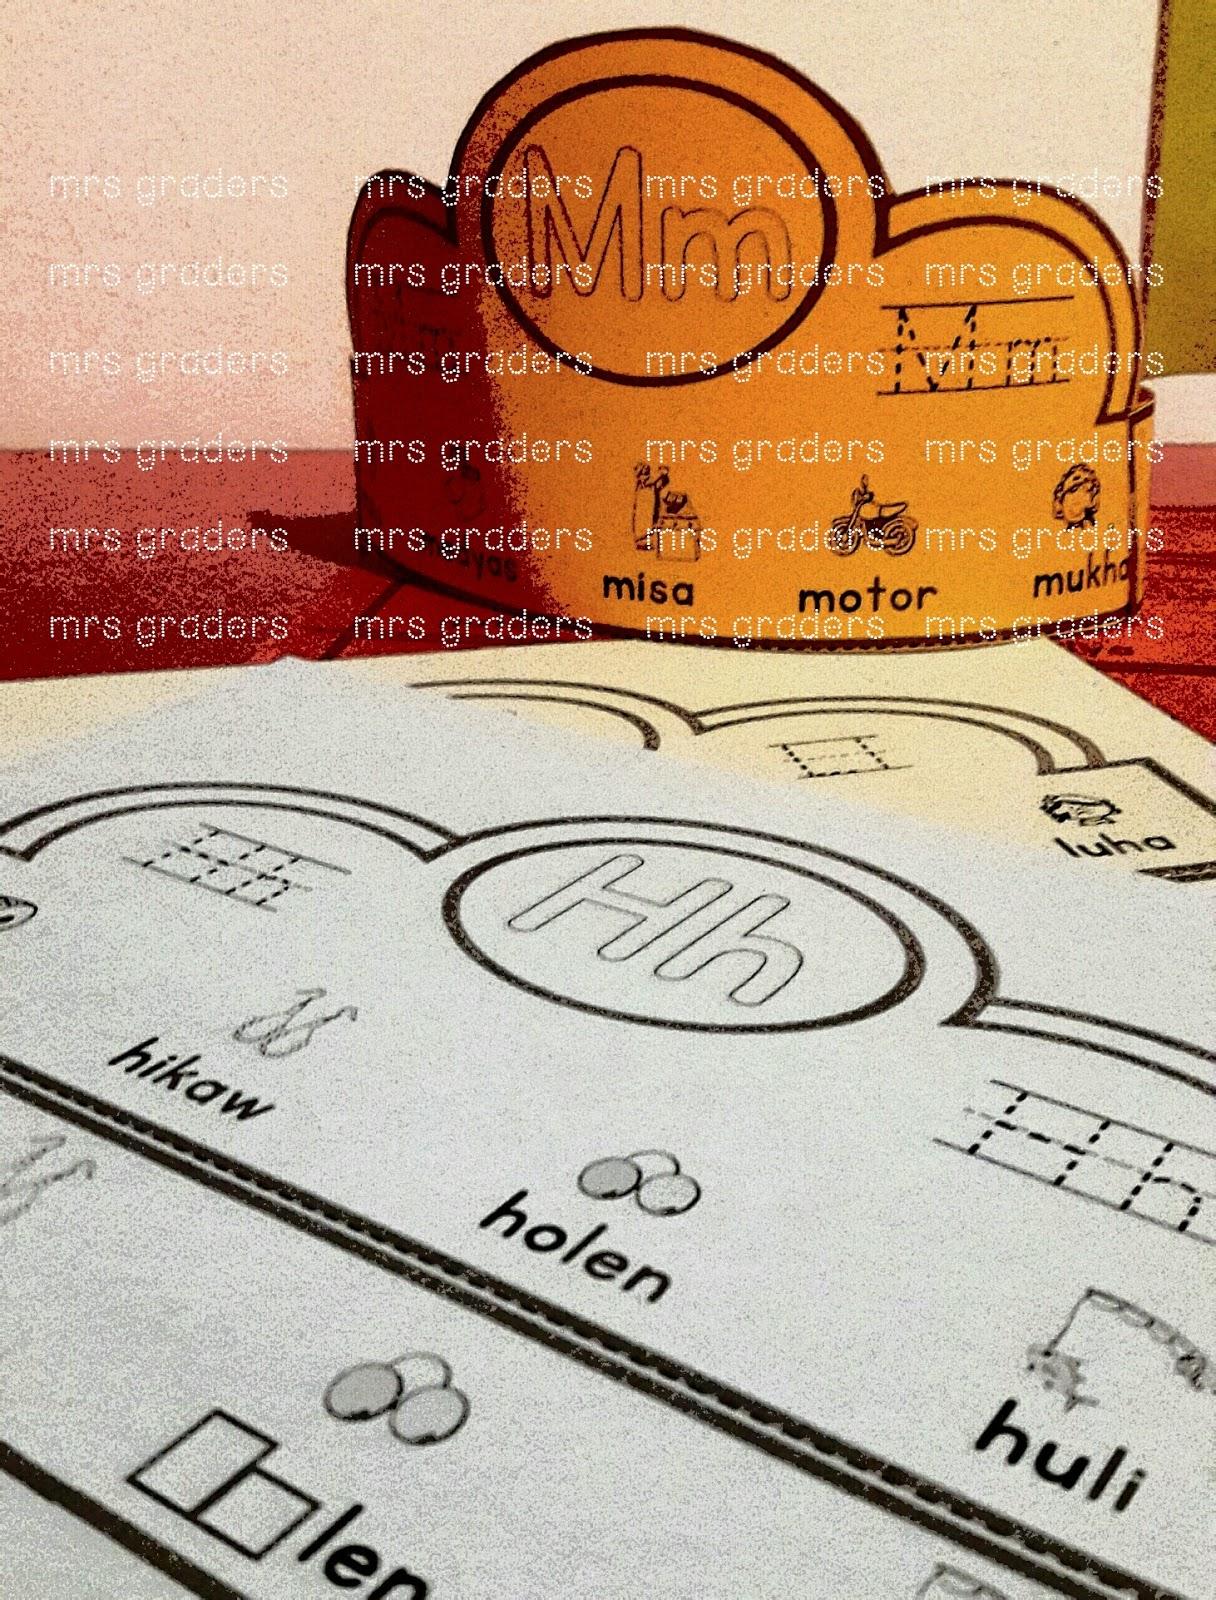 medium resolution of mrs graders: 2016